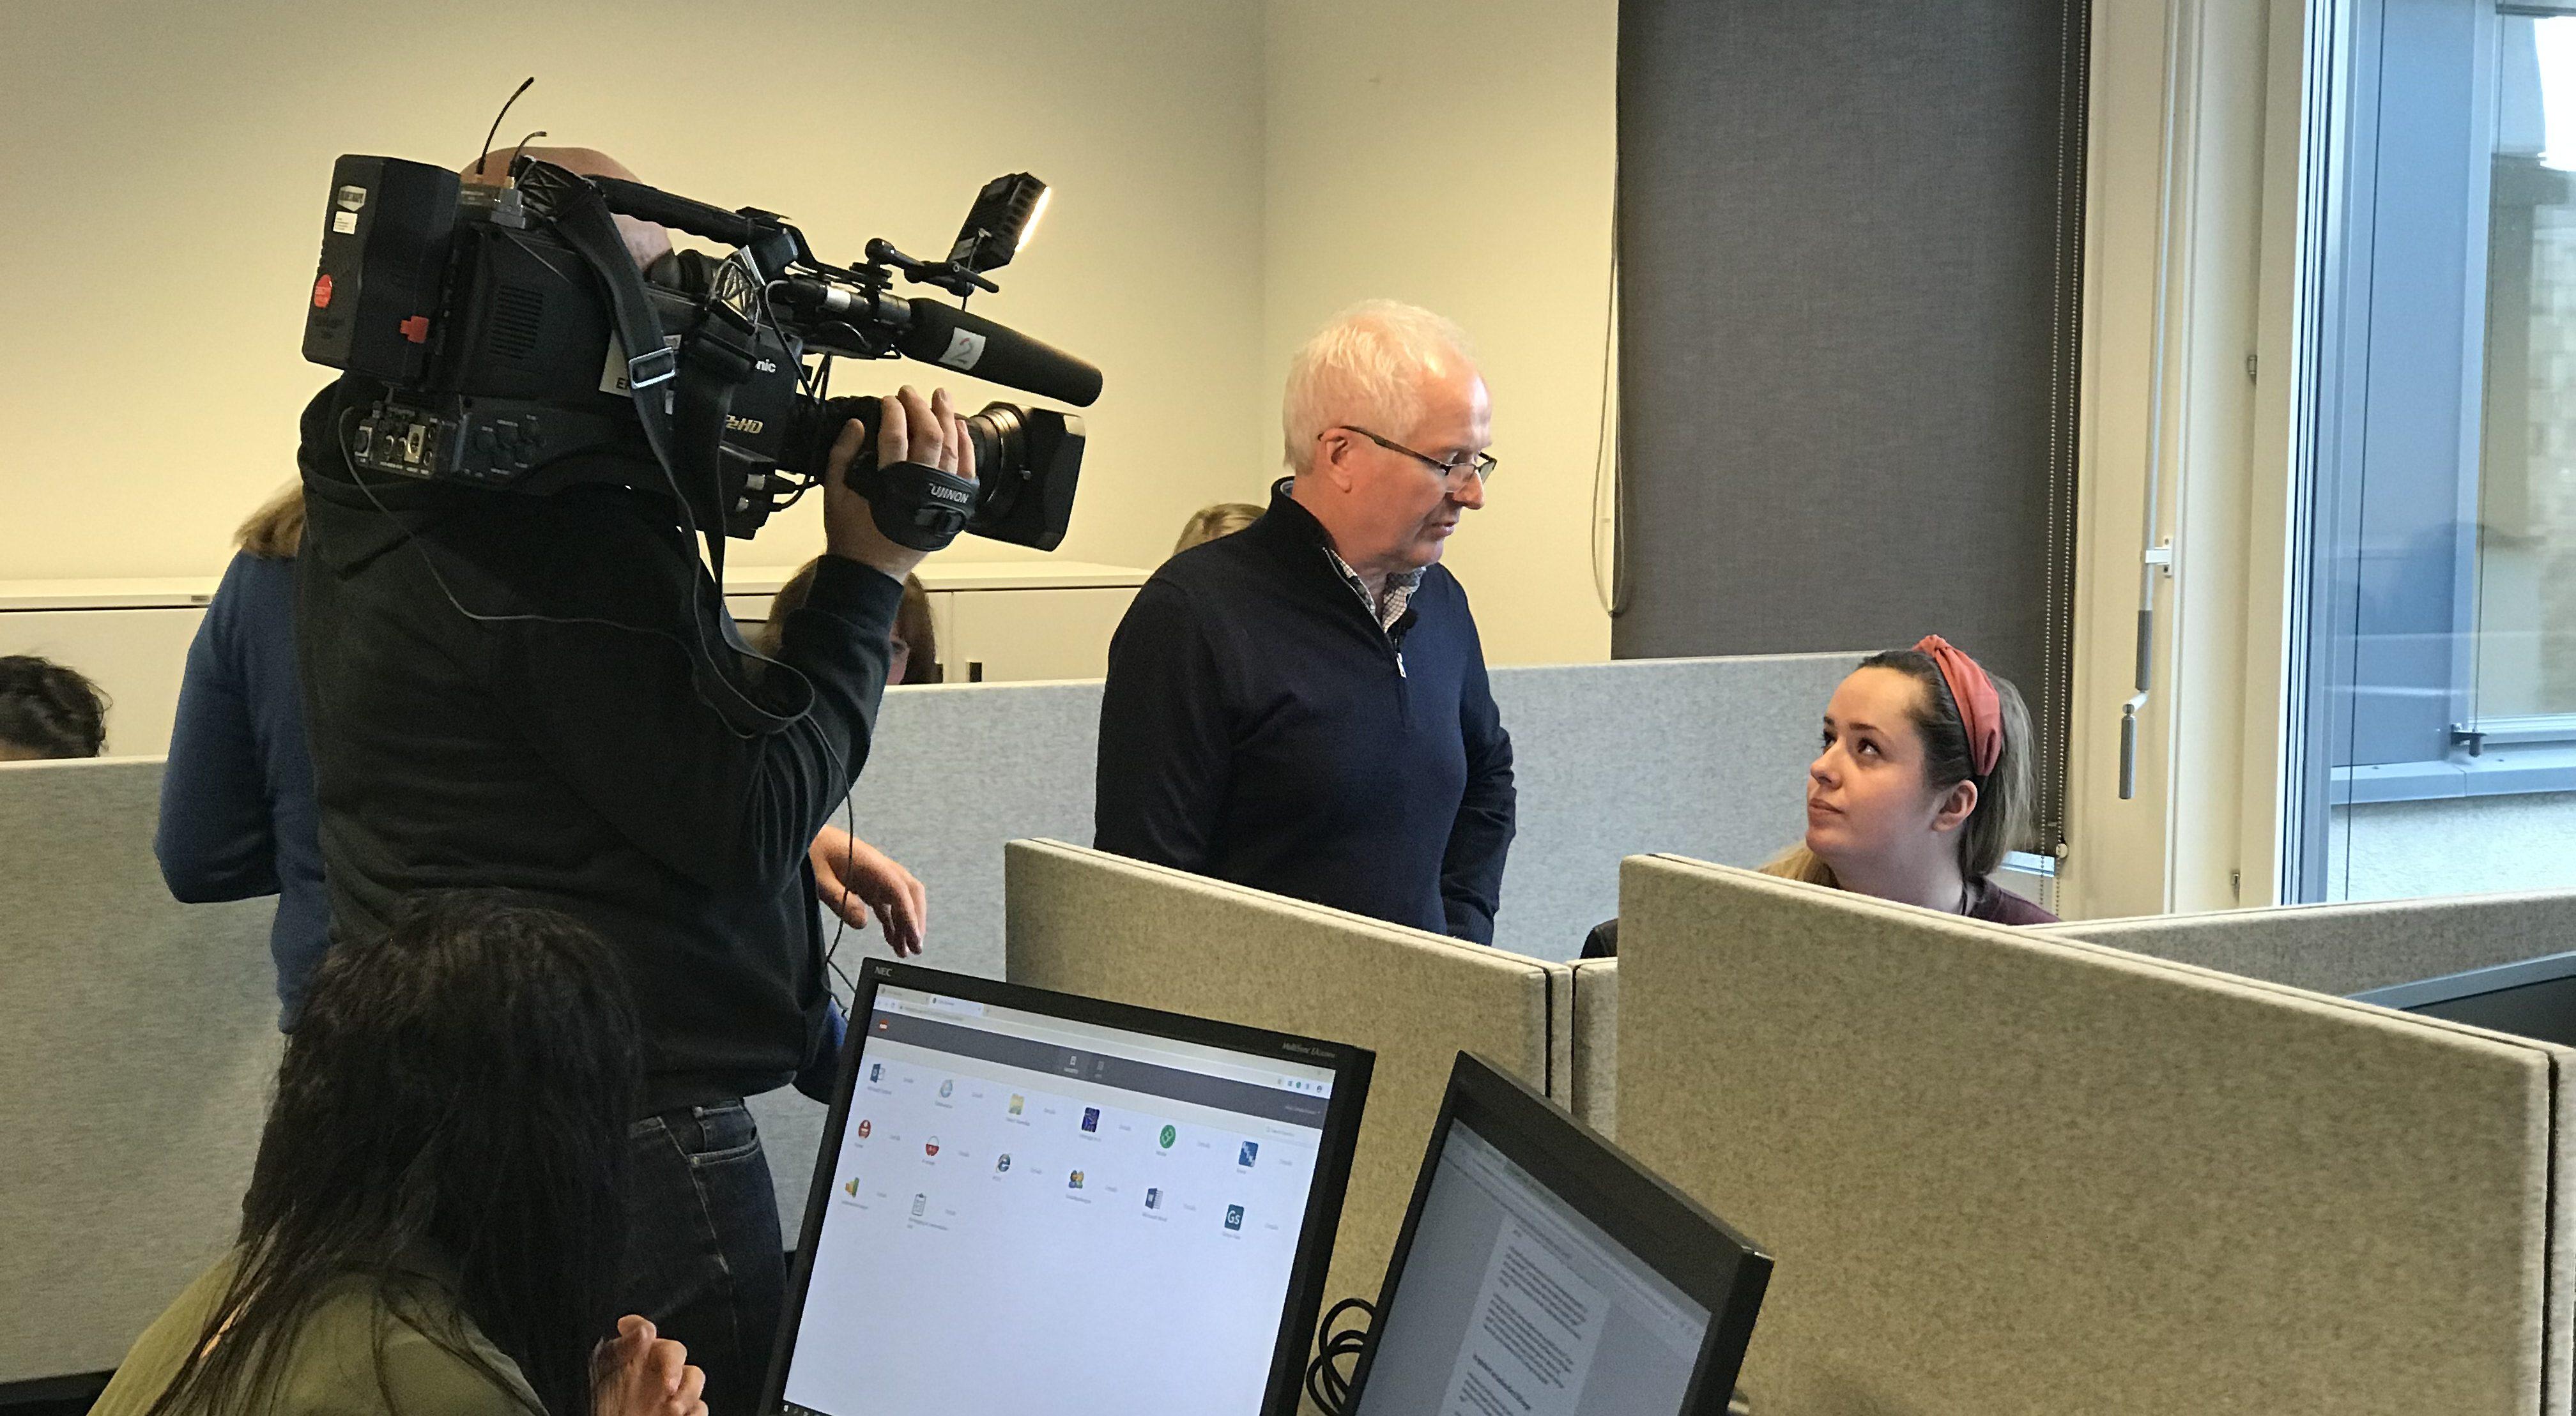 INNSATSTEAMET: Magne Fladby og innsatsteamet hans hadde besøk av pressen torsdag. Her er Magne sammen med en kollega fra NAV Oppfølging Utland.